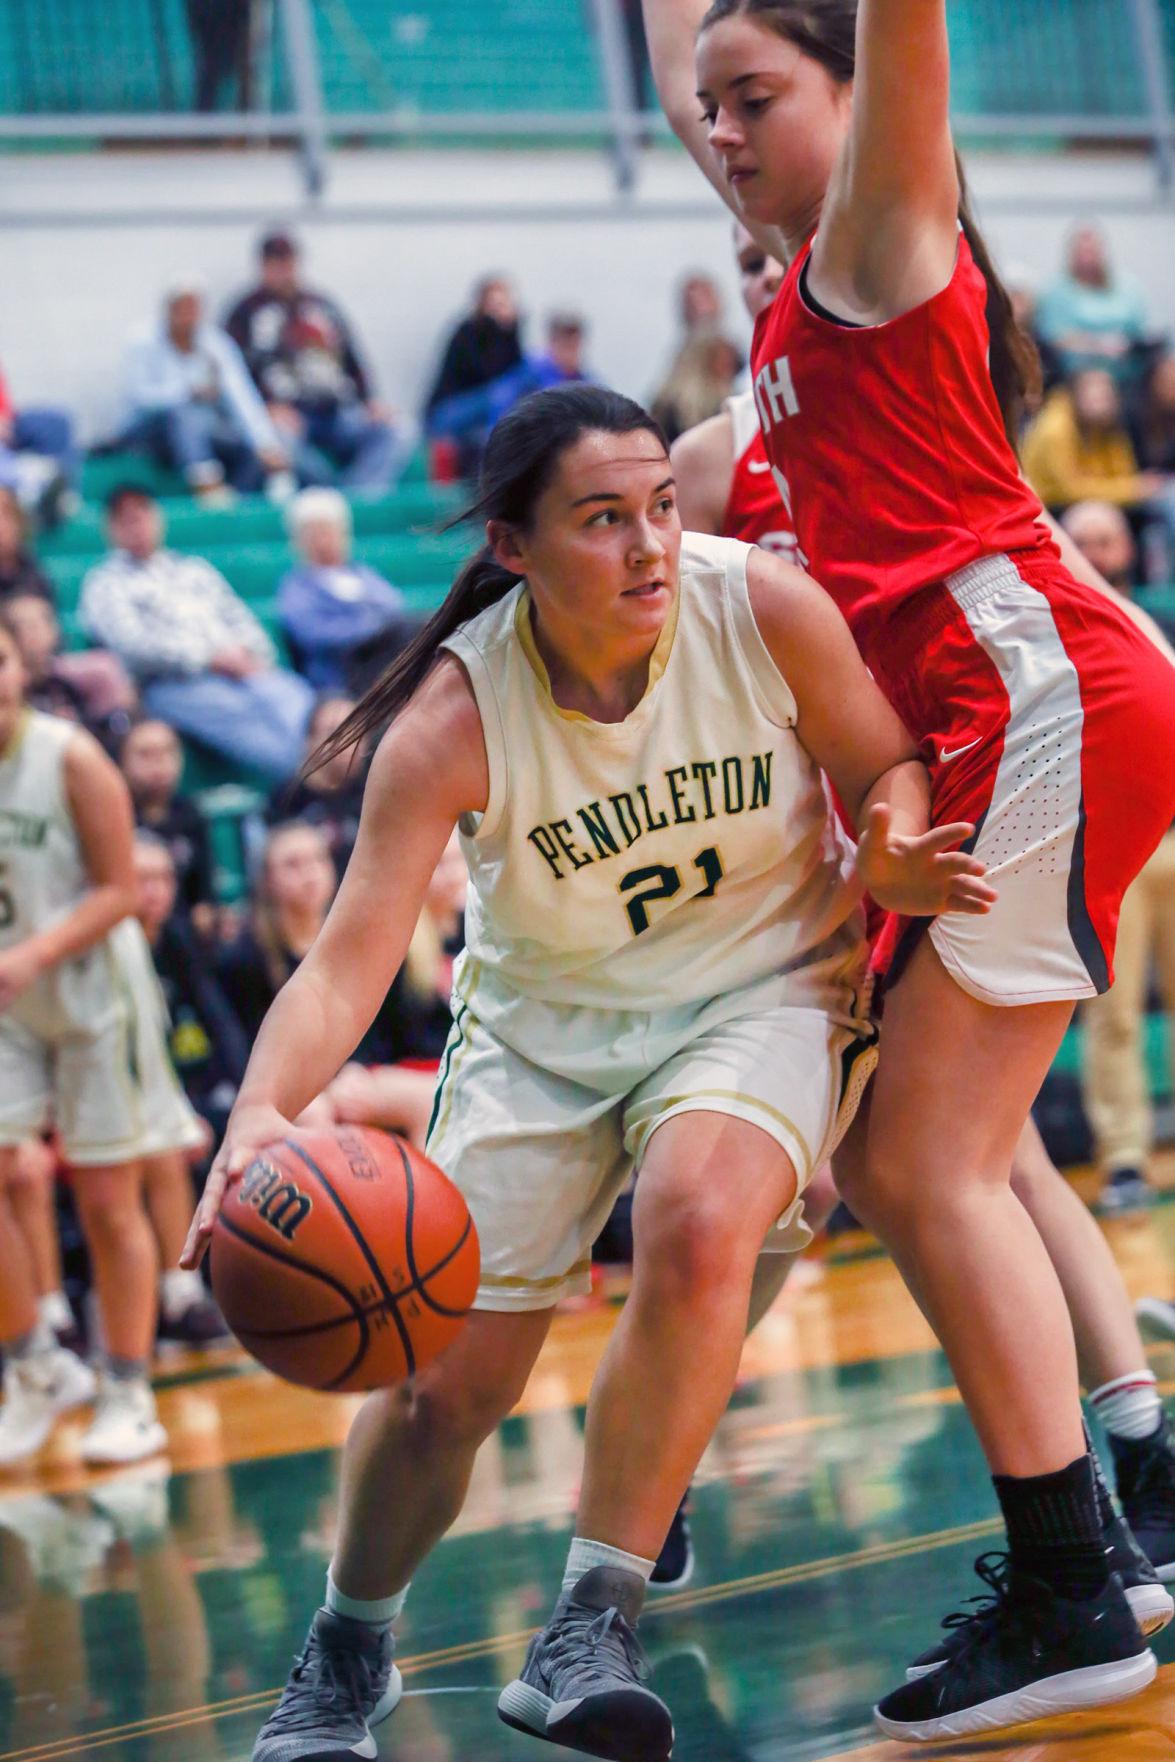 Pendleton girls basketball